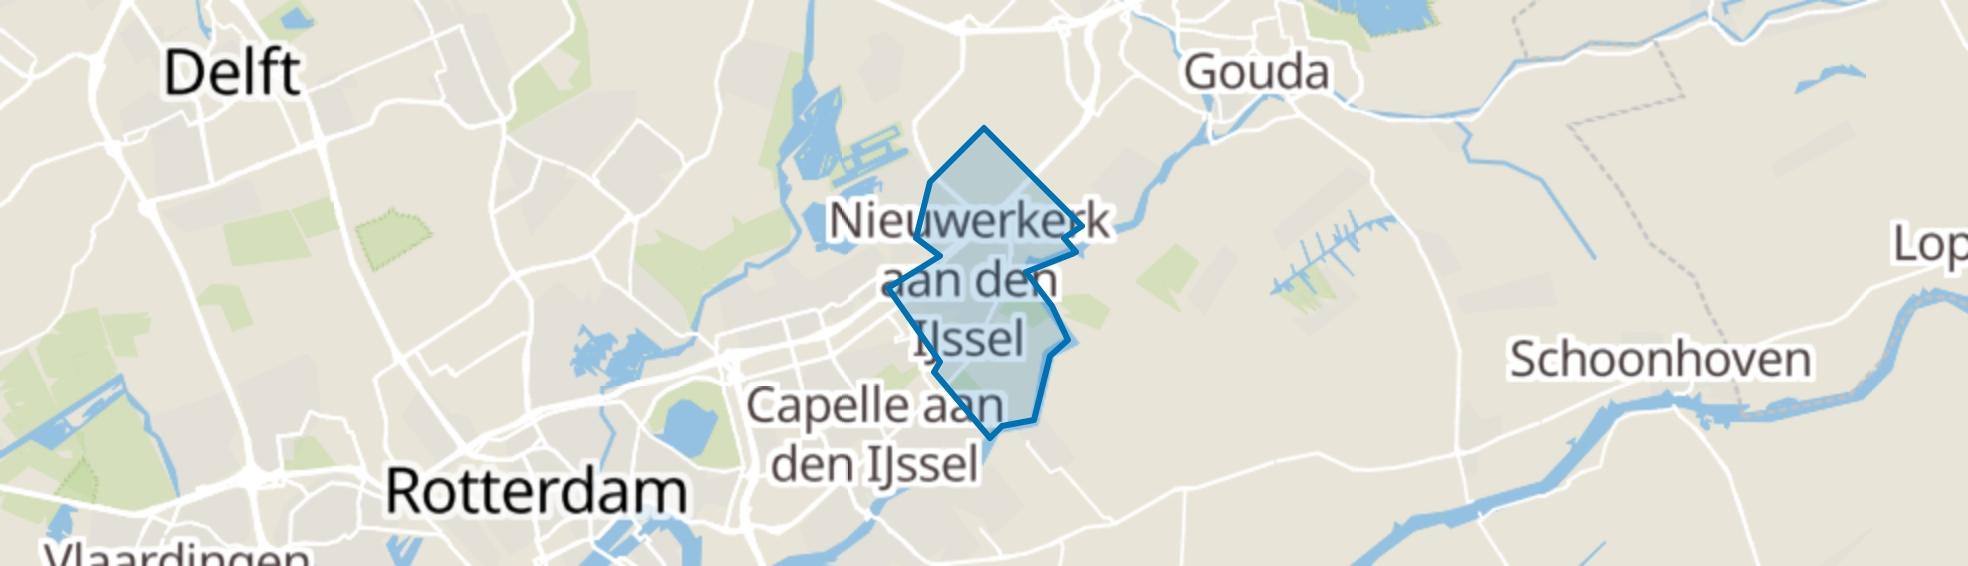 Nieuwerkerk aan den IJssel map